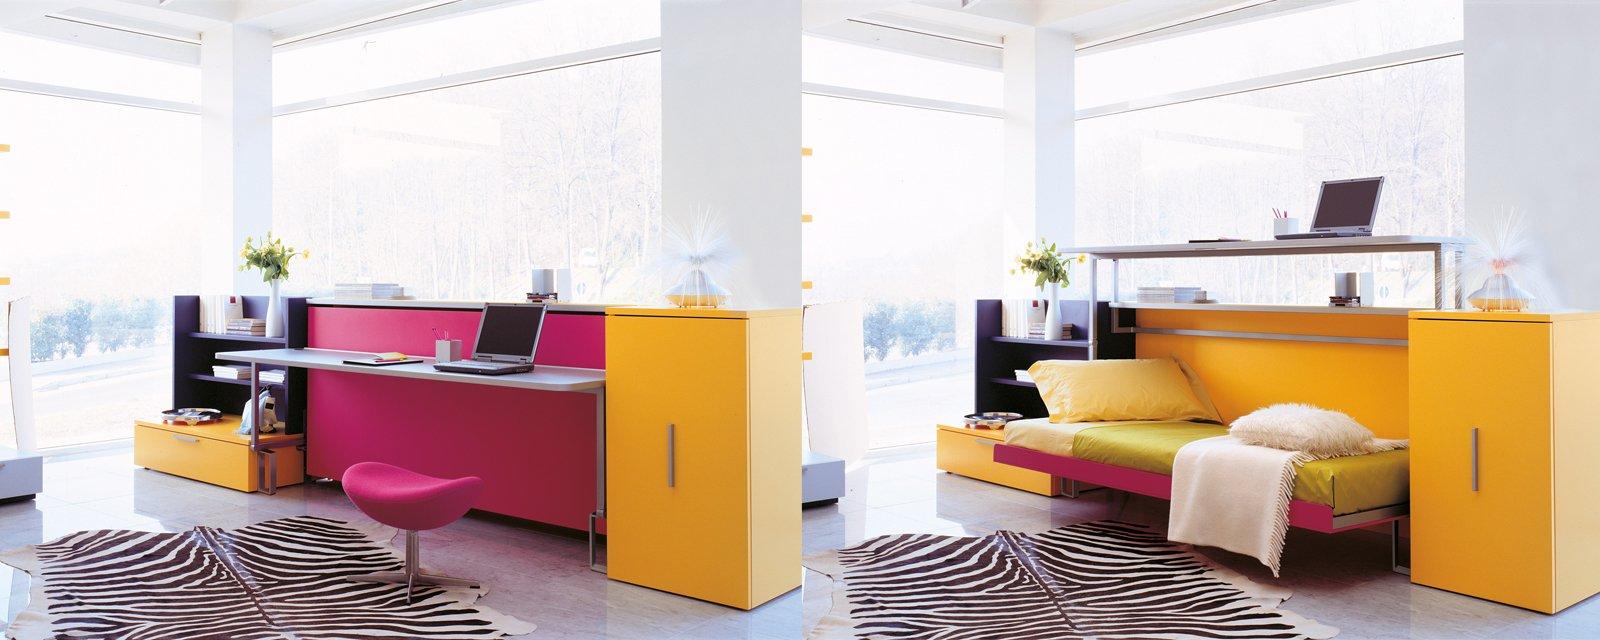 Trasformabili salvaspazio e doppia funzione cose di casa for Casa a piano singolo